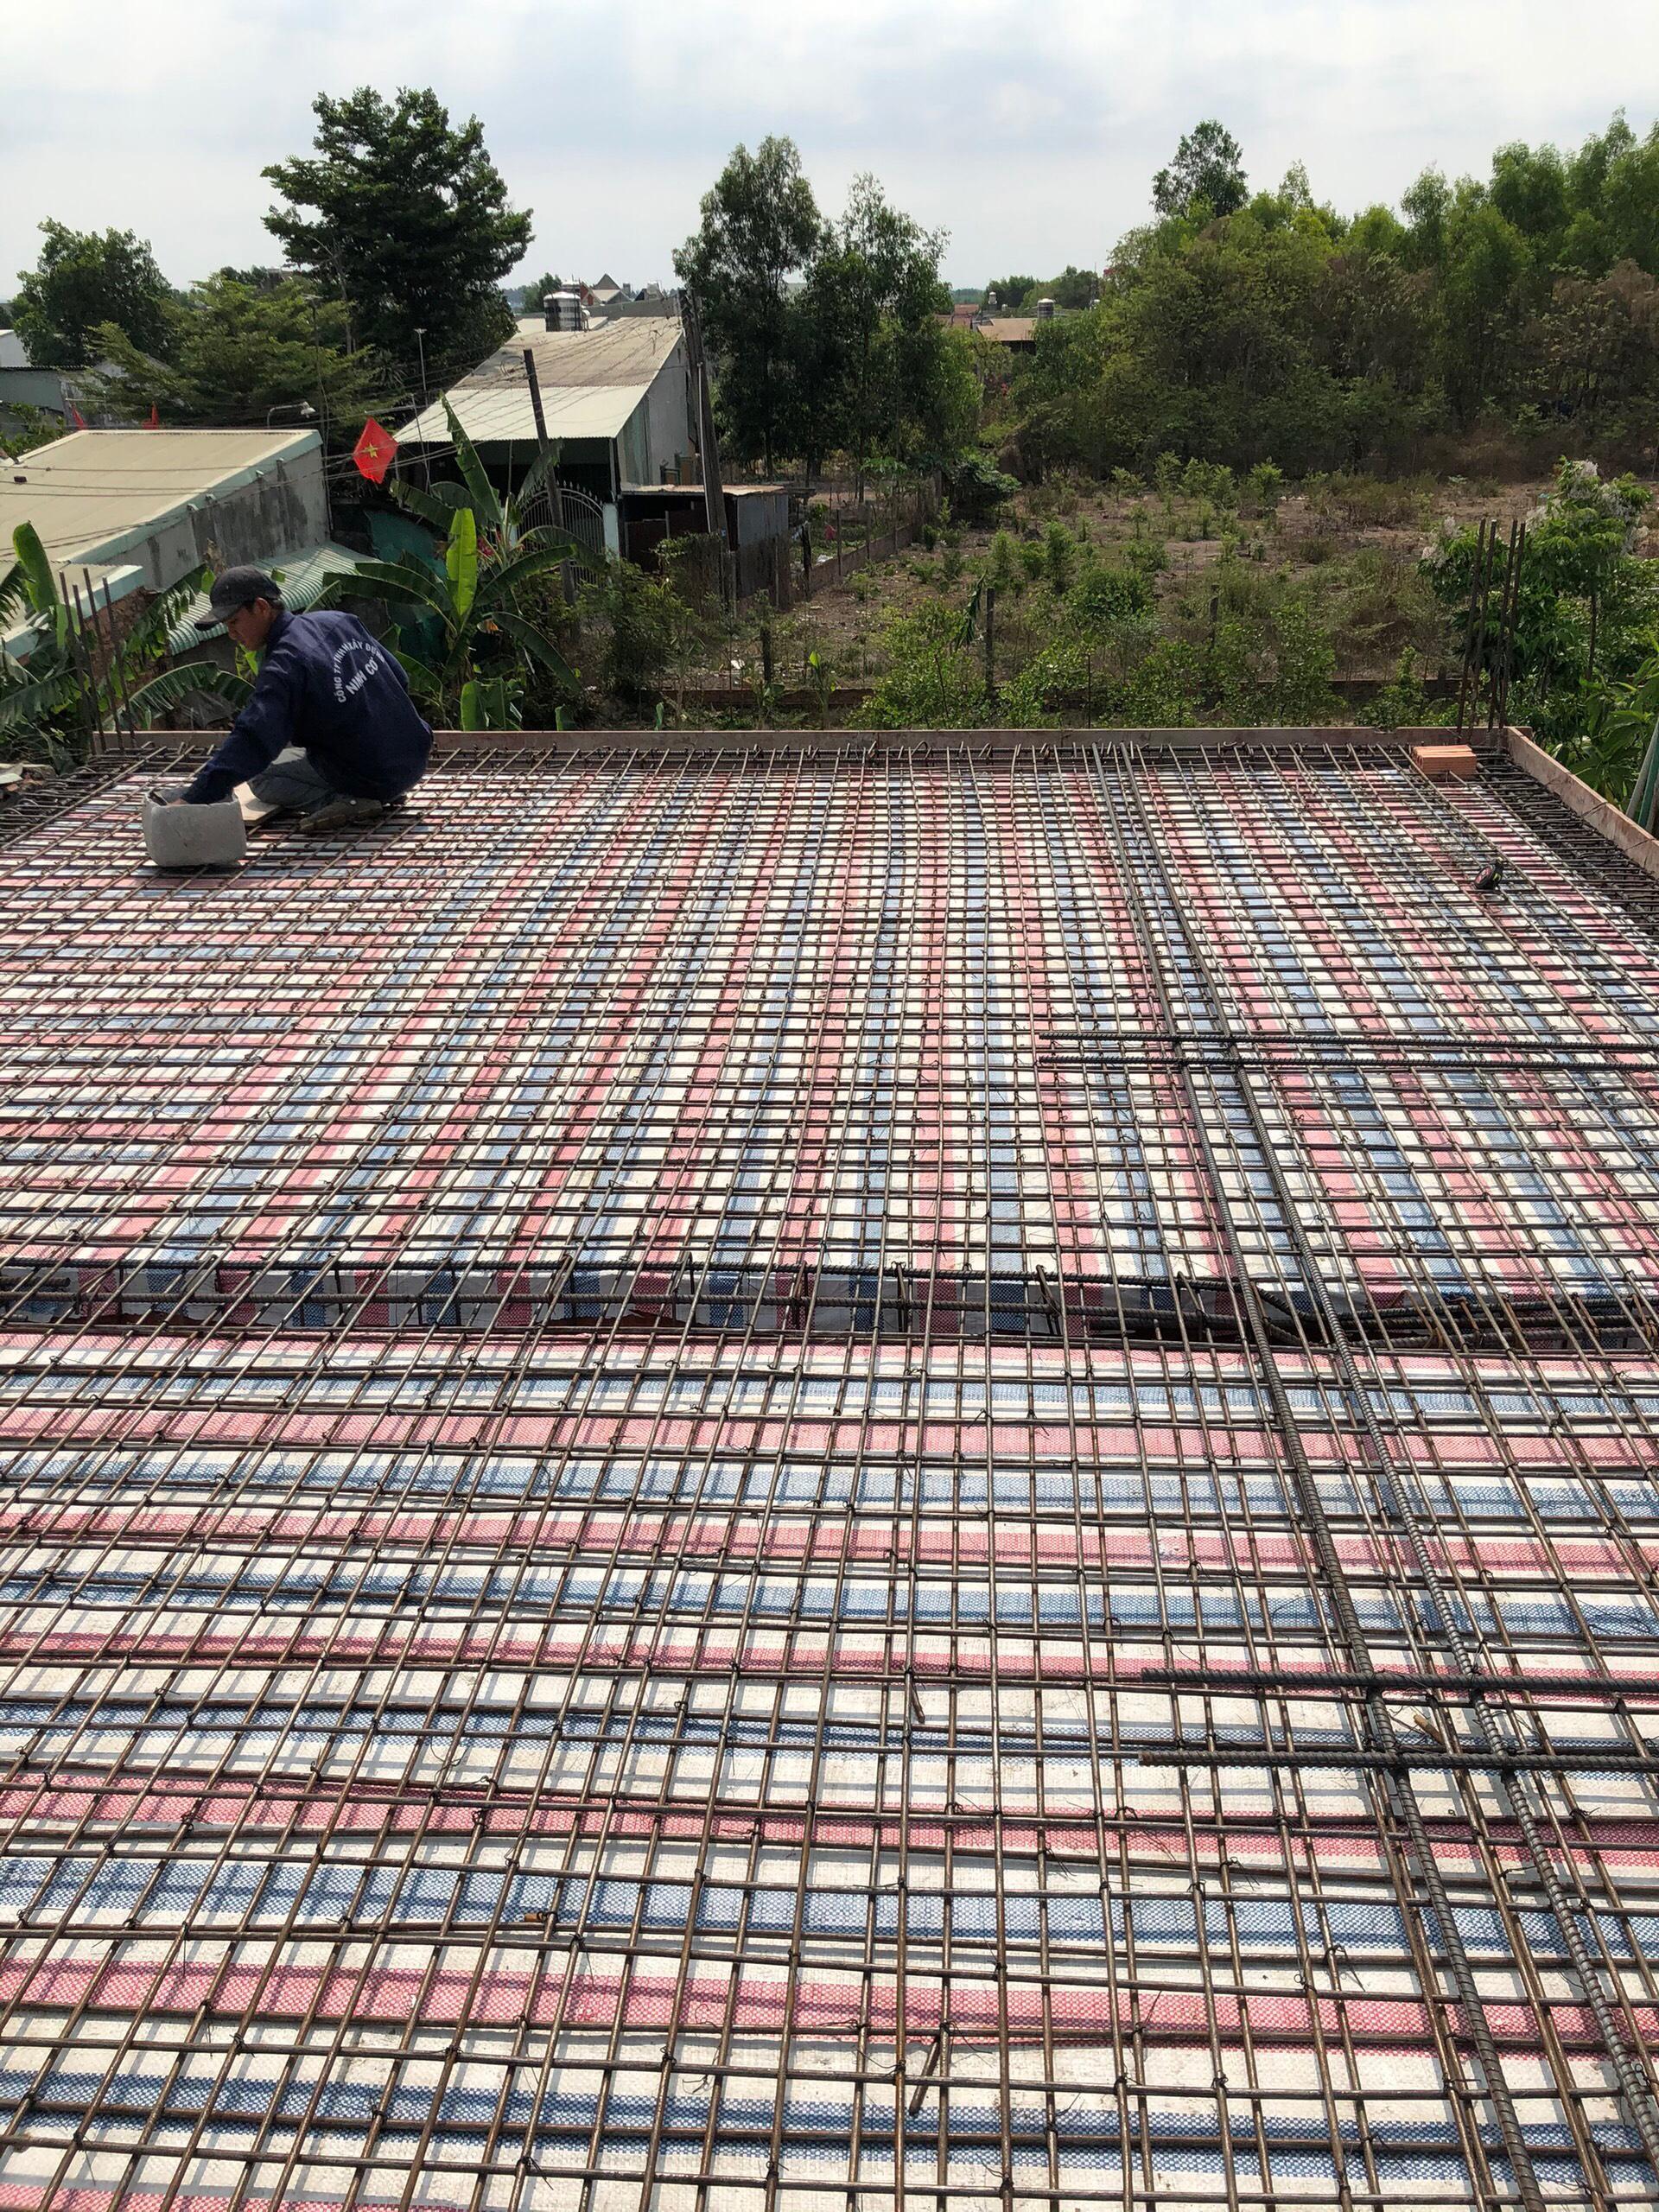 Hình ảnh thi công xây dựng công trình Biên Hòa Đồng Nai 11